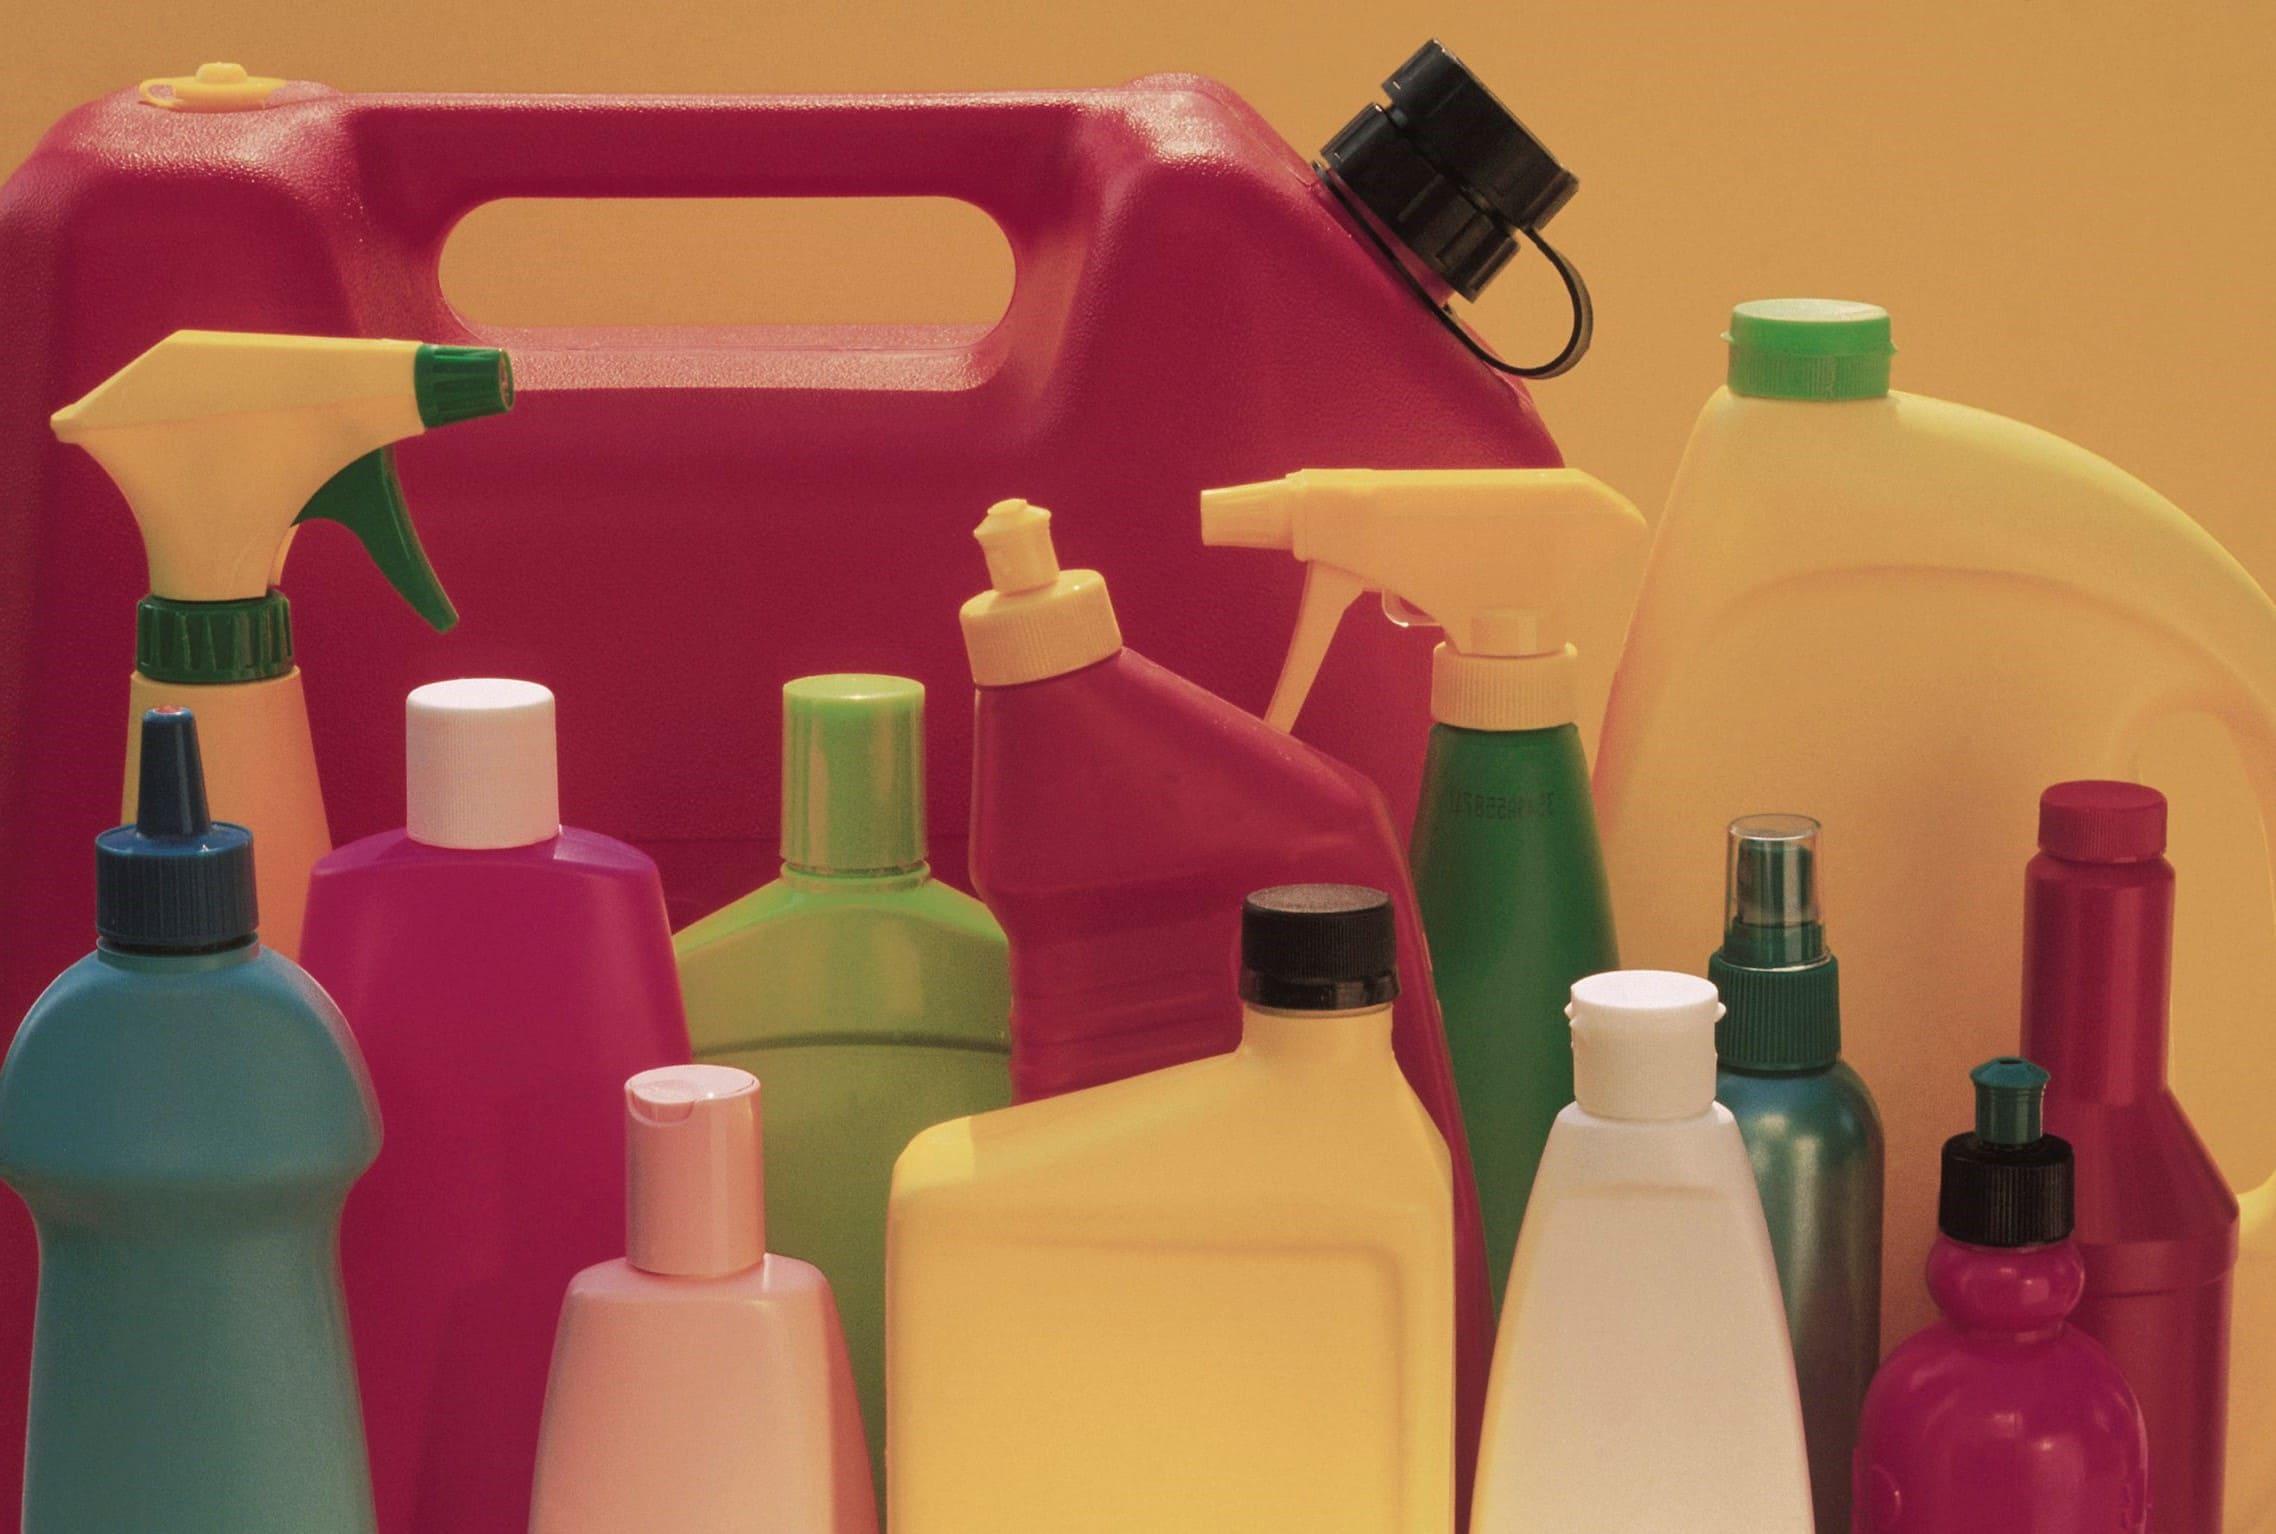 средства бытовой химии, предназначенные для очистки керамических покрыти